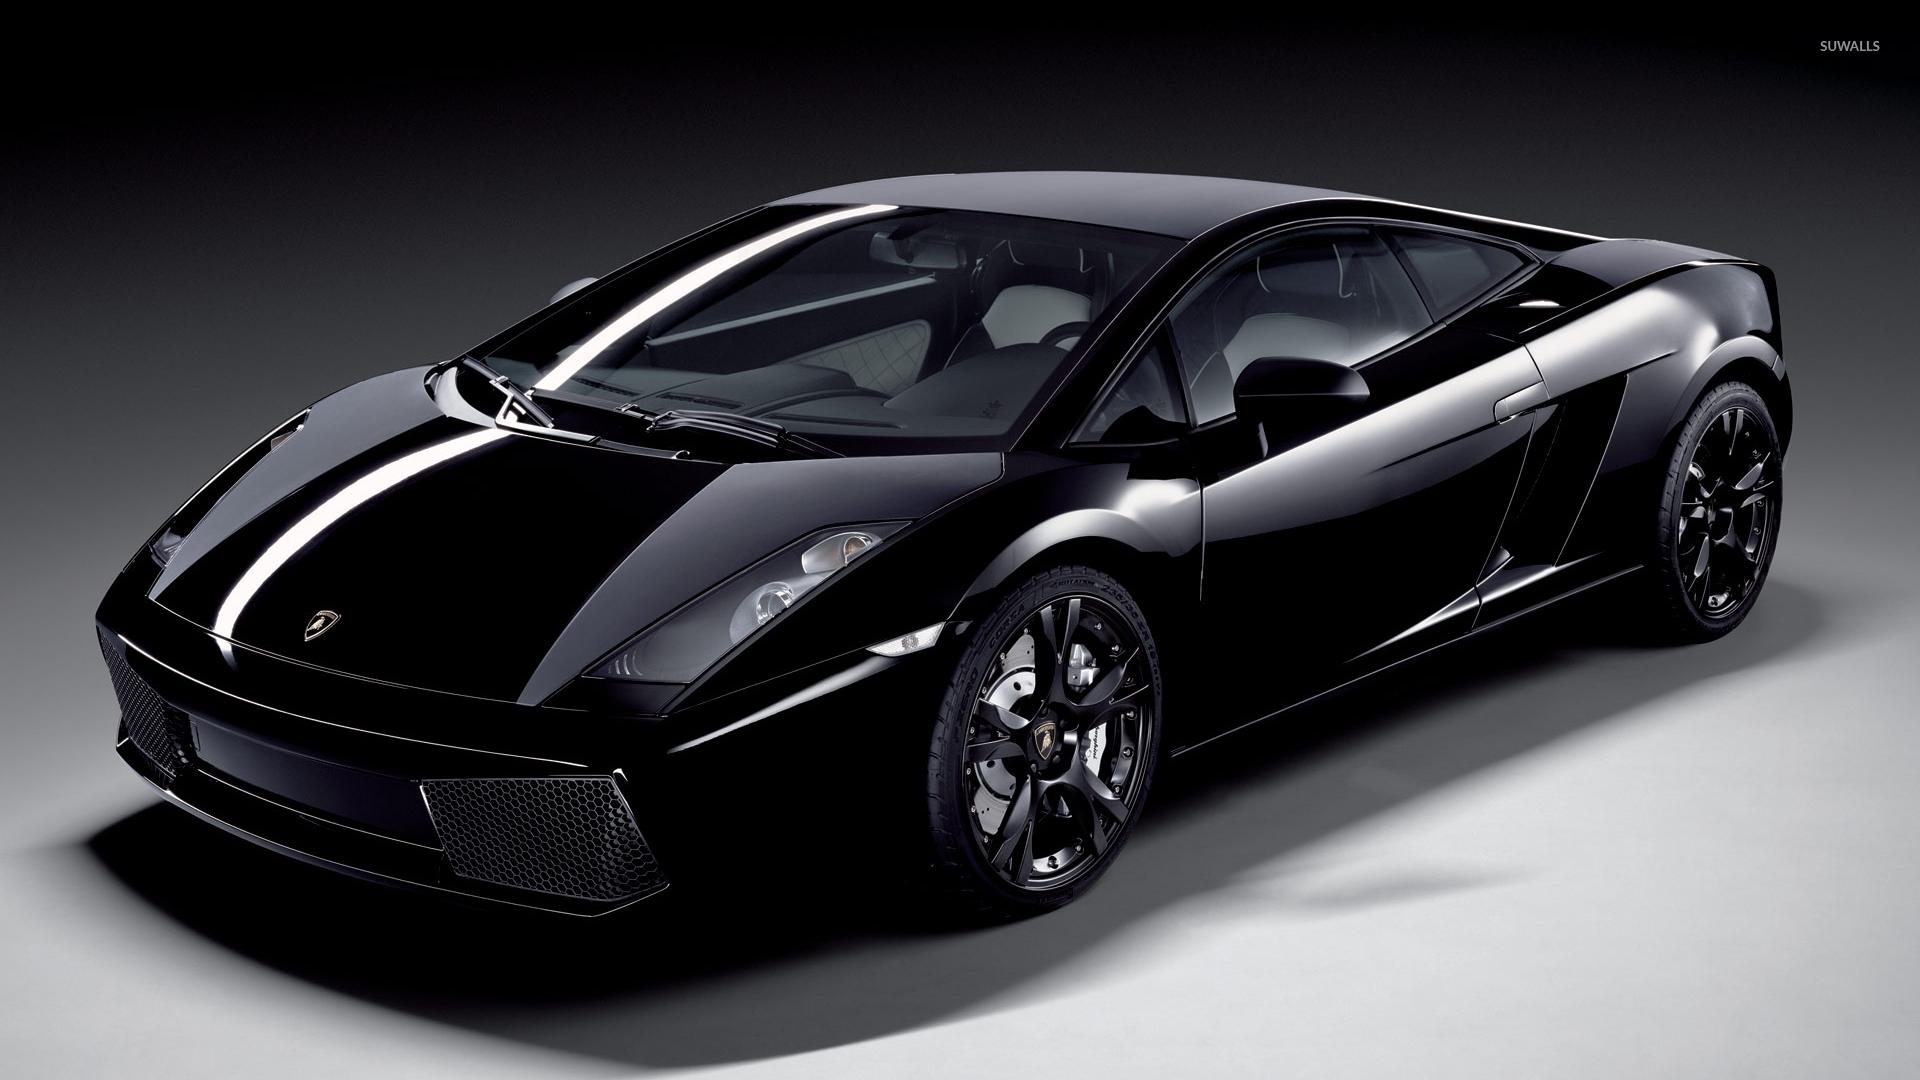 lamborghini gallardo nera wallpaper 1920x1080 jpg - Lamborghini Gallardo Superleggera Wallpaper